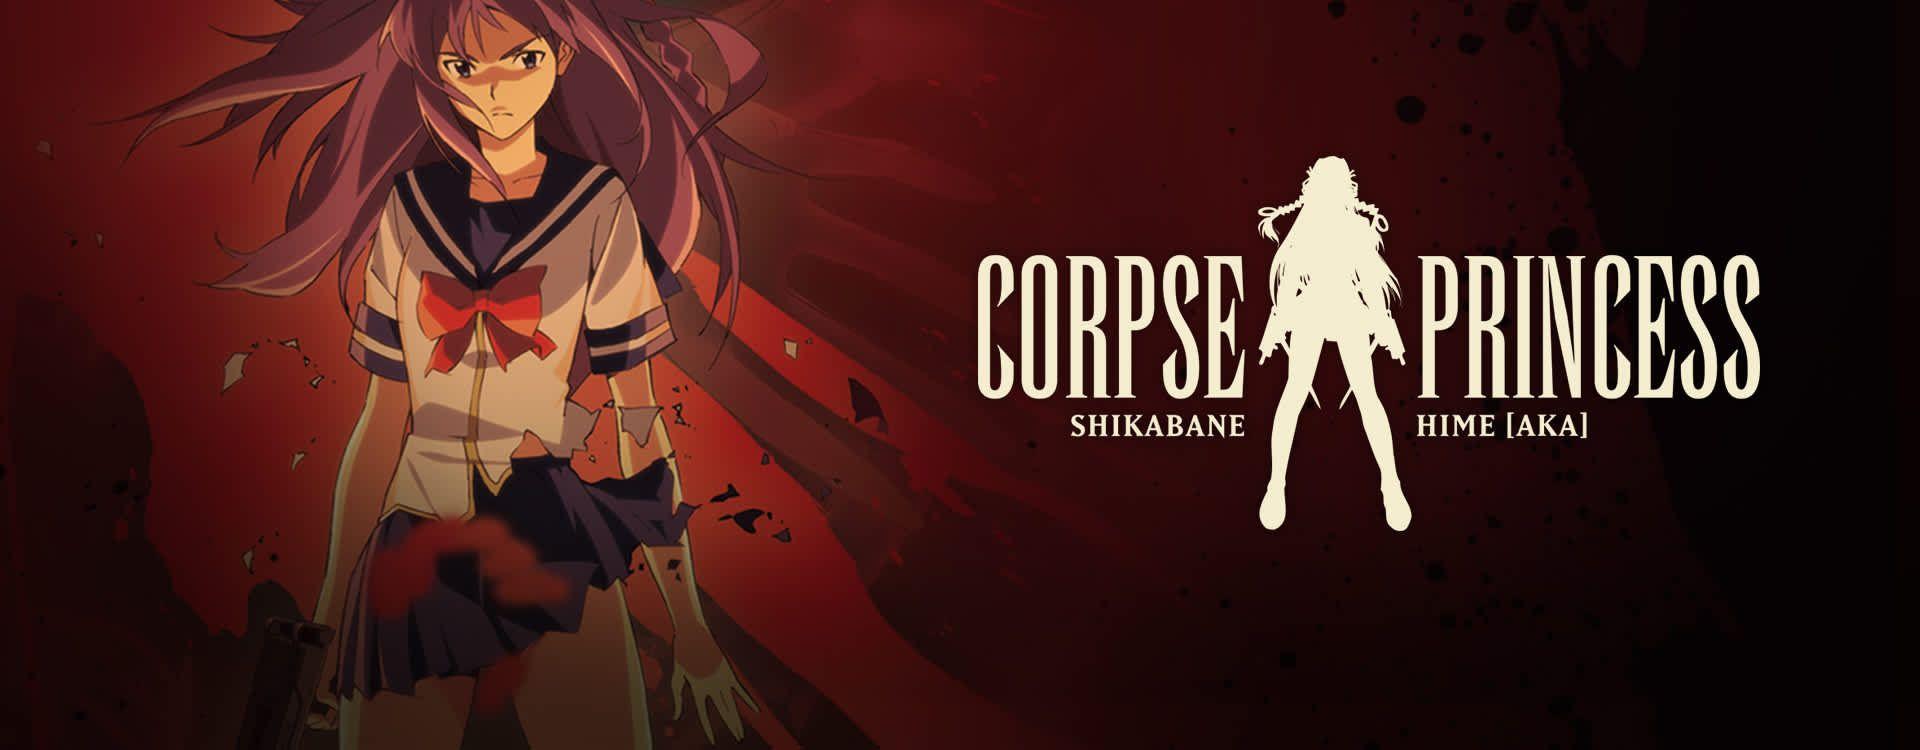 Corpse princess shikabane hime corpse princess corpse